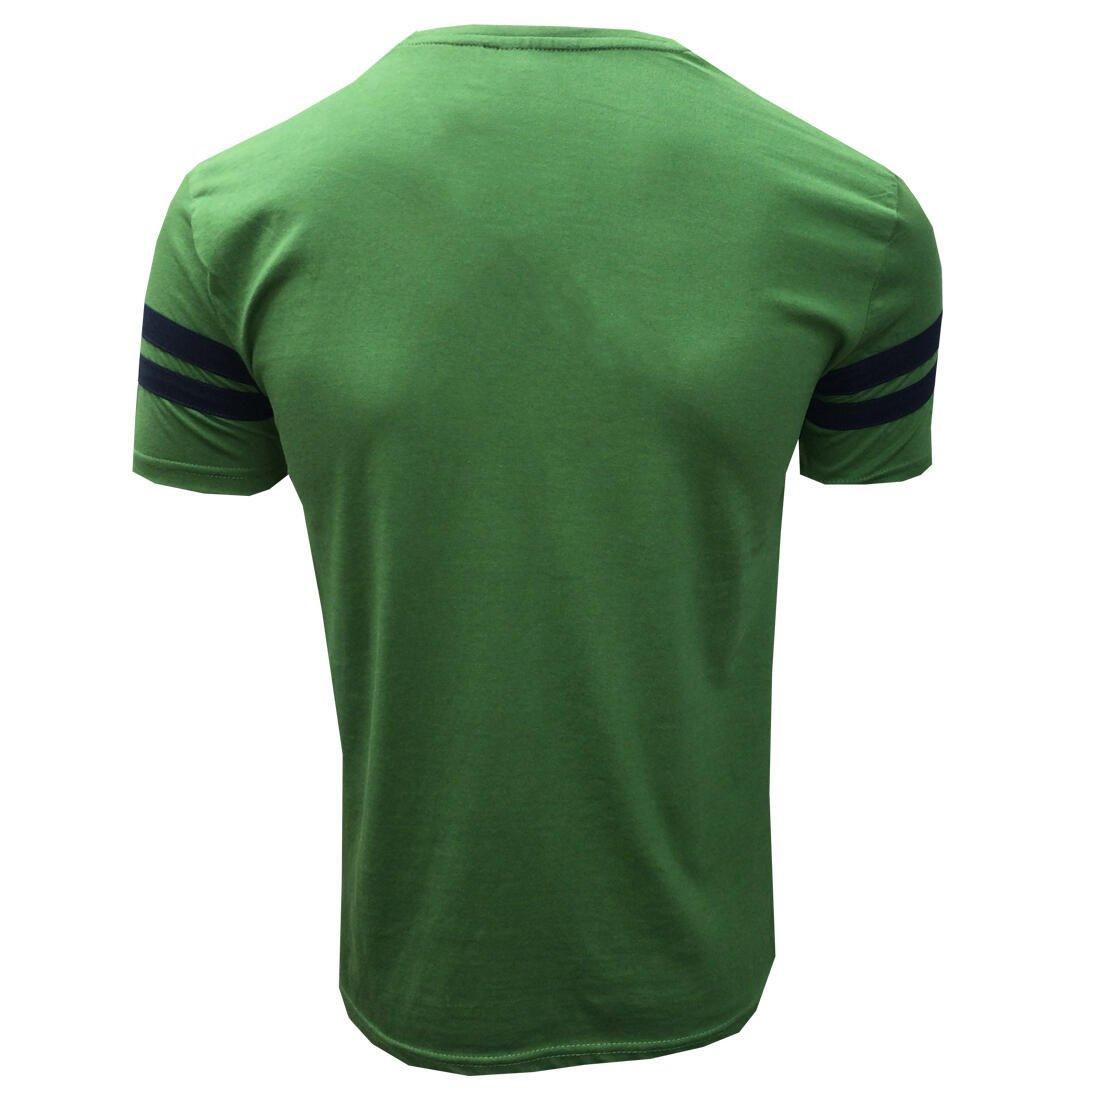 T-shirt Guinness Classica colore verde con logo Guinness - Retro - Viaggiare in Irlanda